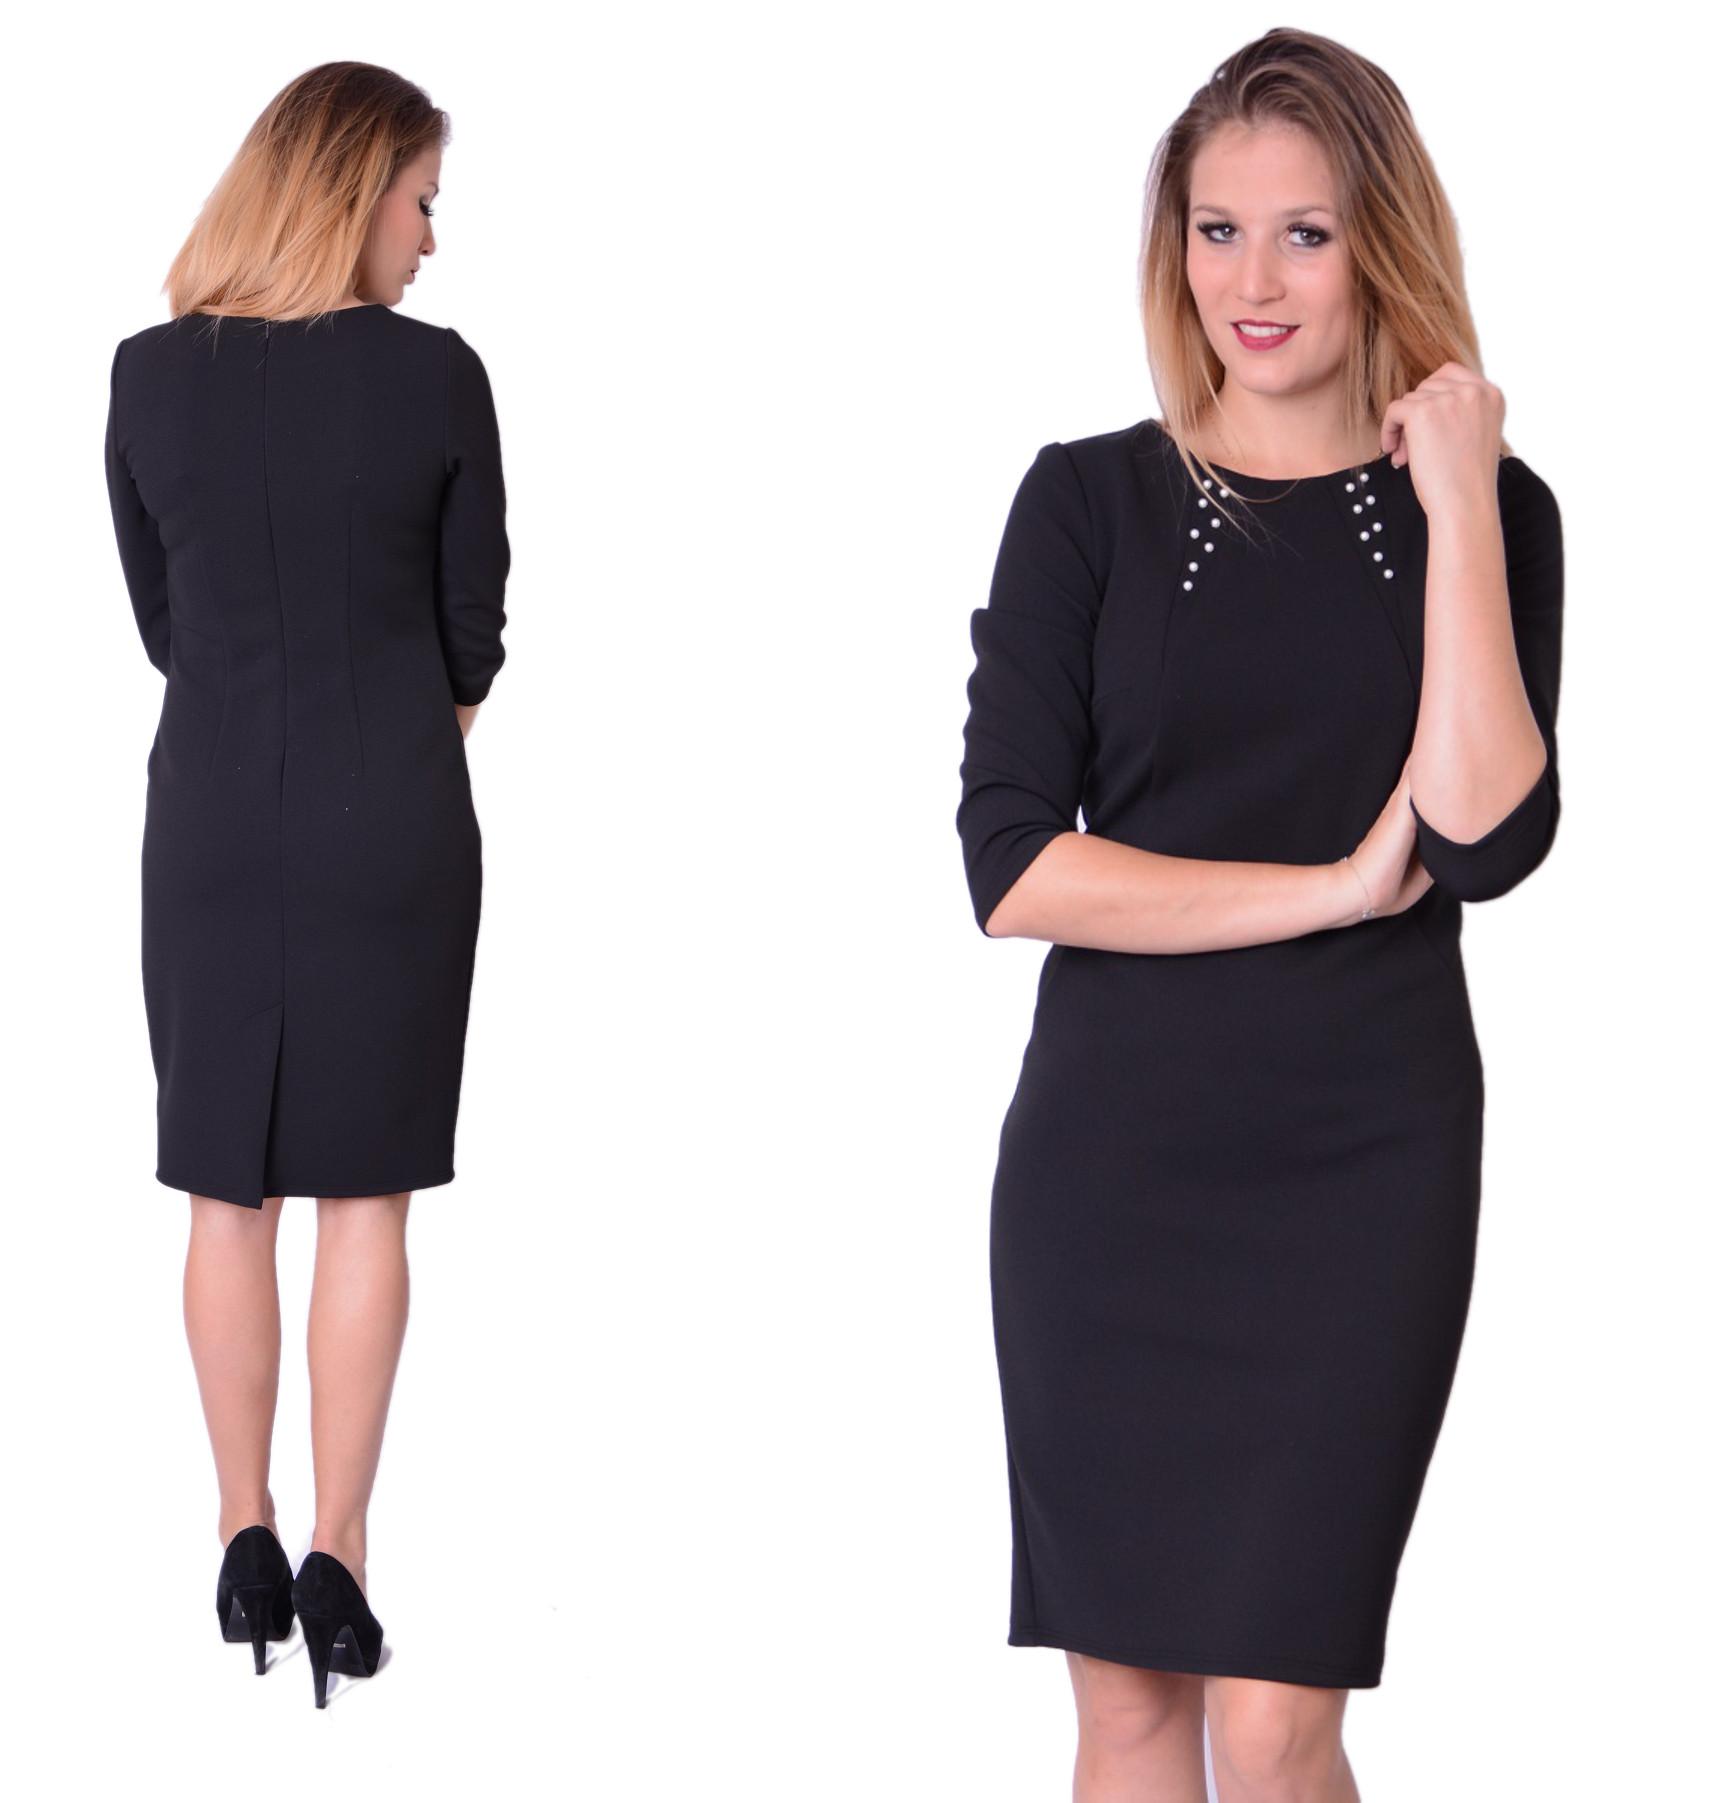 851df1d189 Sukienka Elegancka Perełki Czarne Wyprzedaż roz.38 - 7030350962 ...